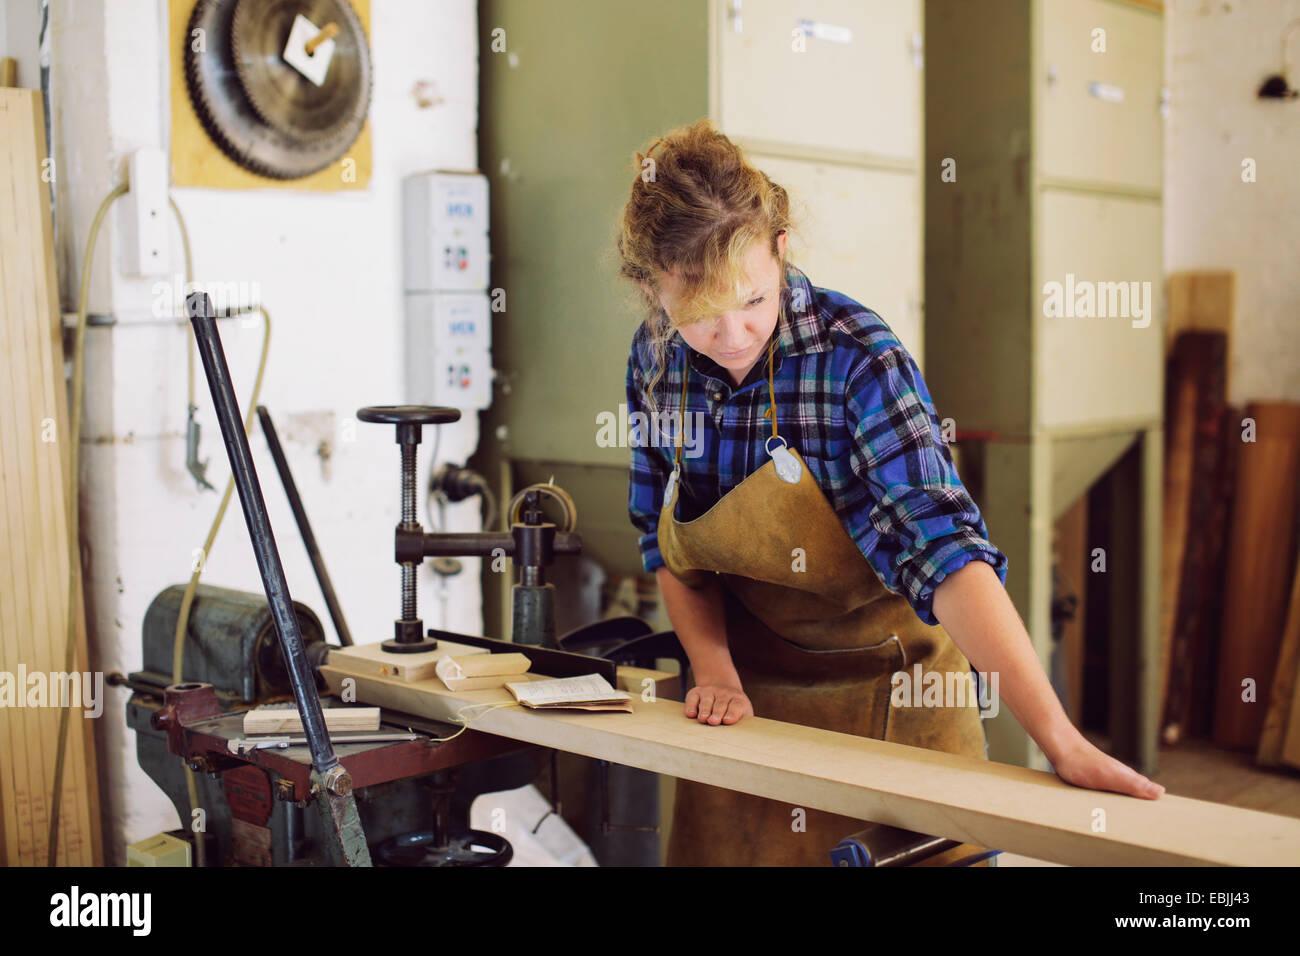 Jeune artisane contrôle en atelier orgue à tuyaux de bois Photo Stock